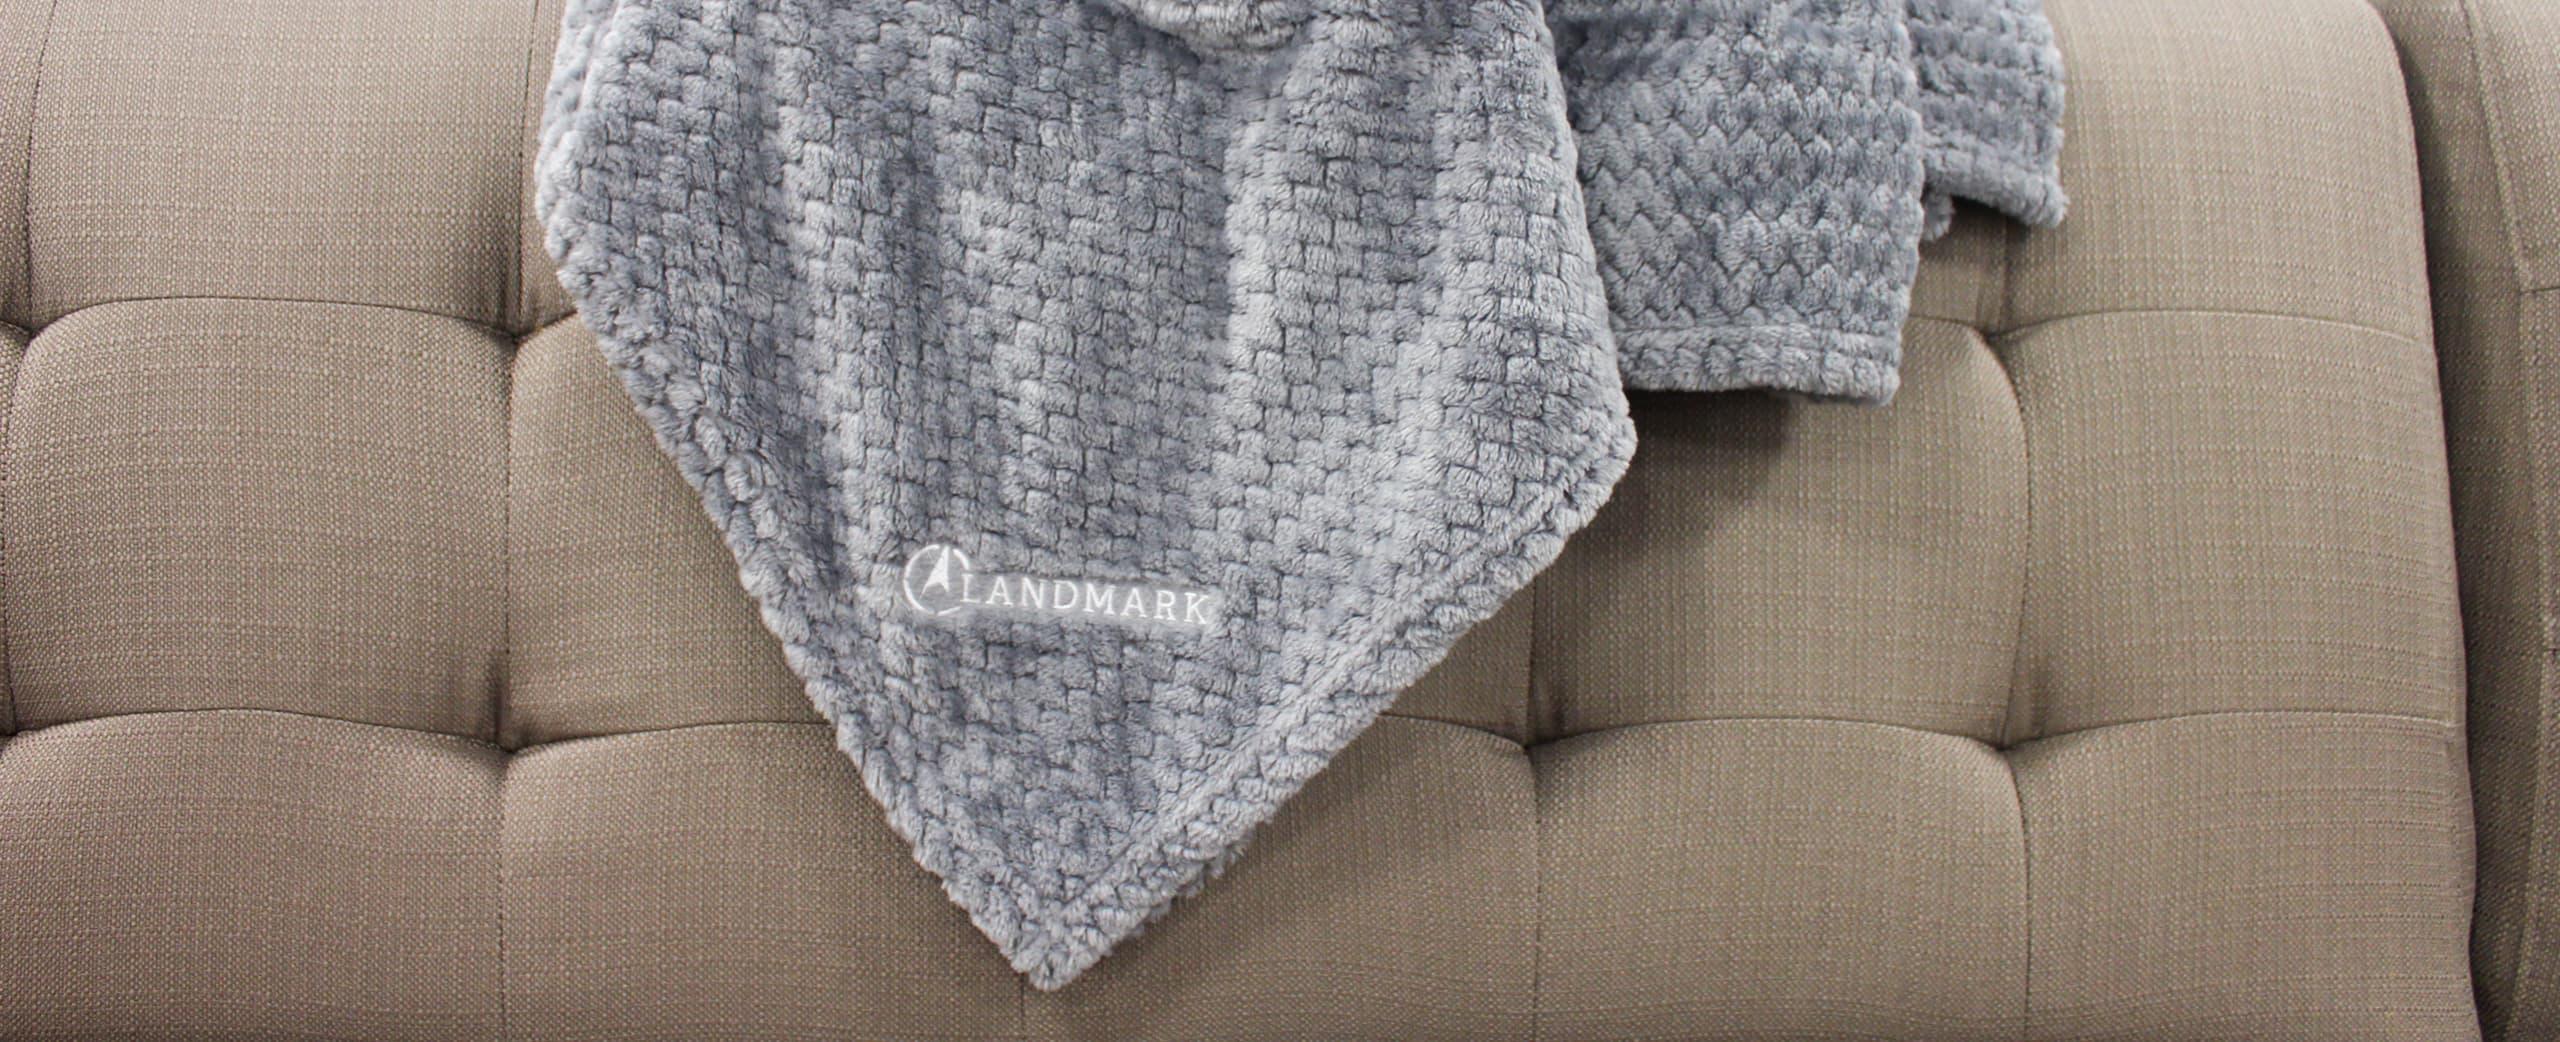 Landmark_blanket